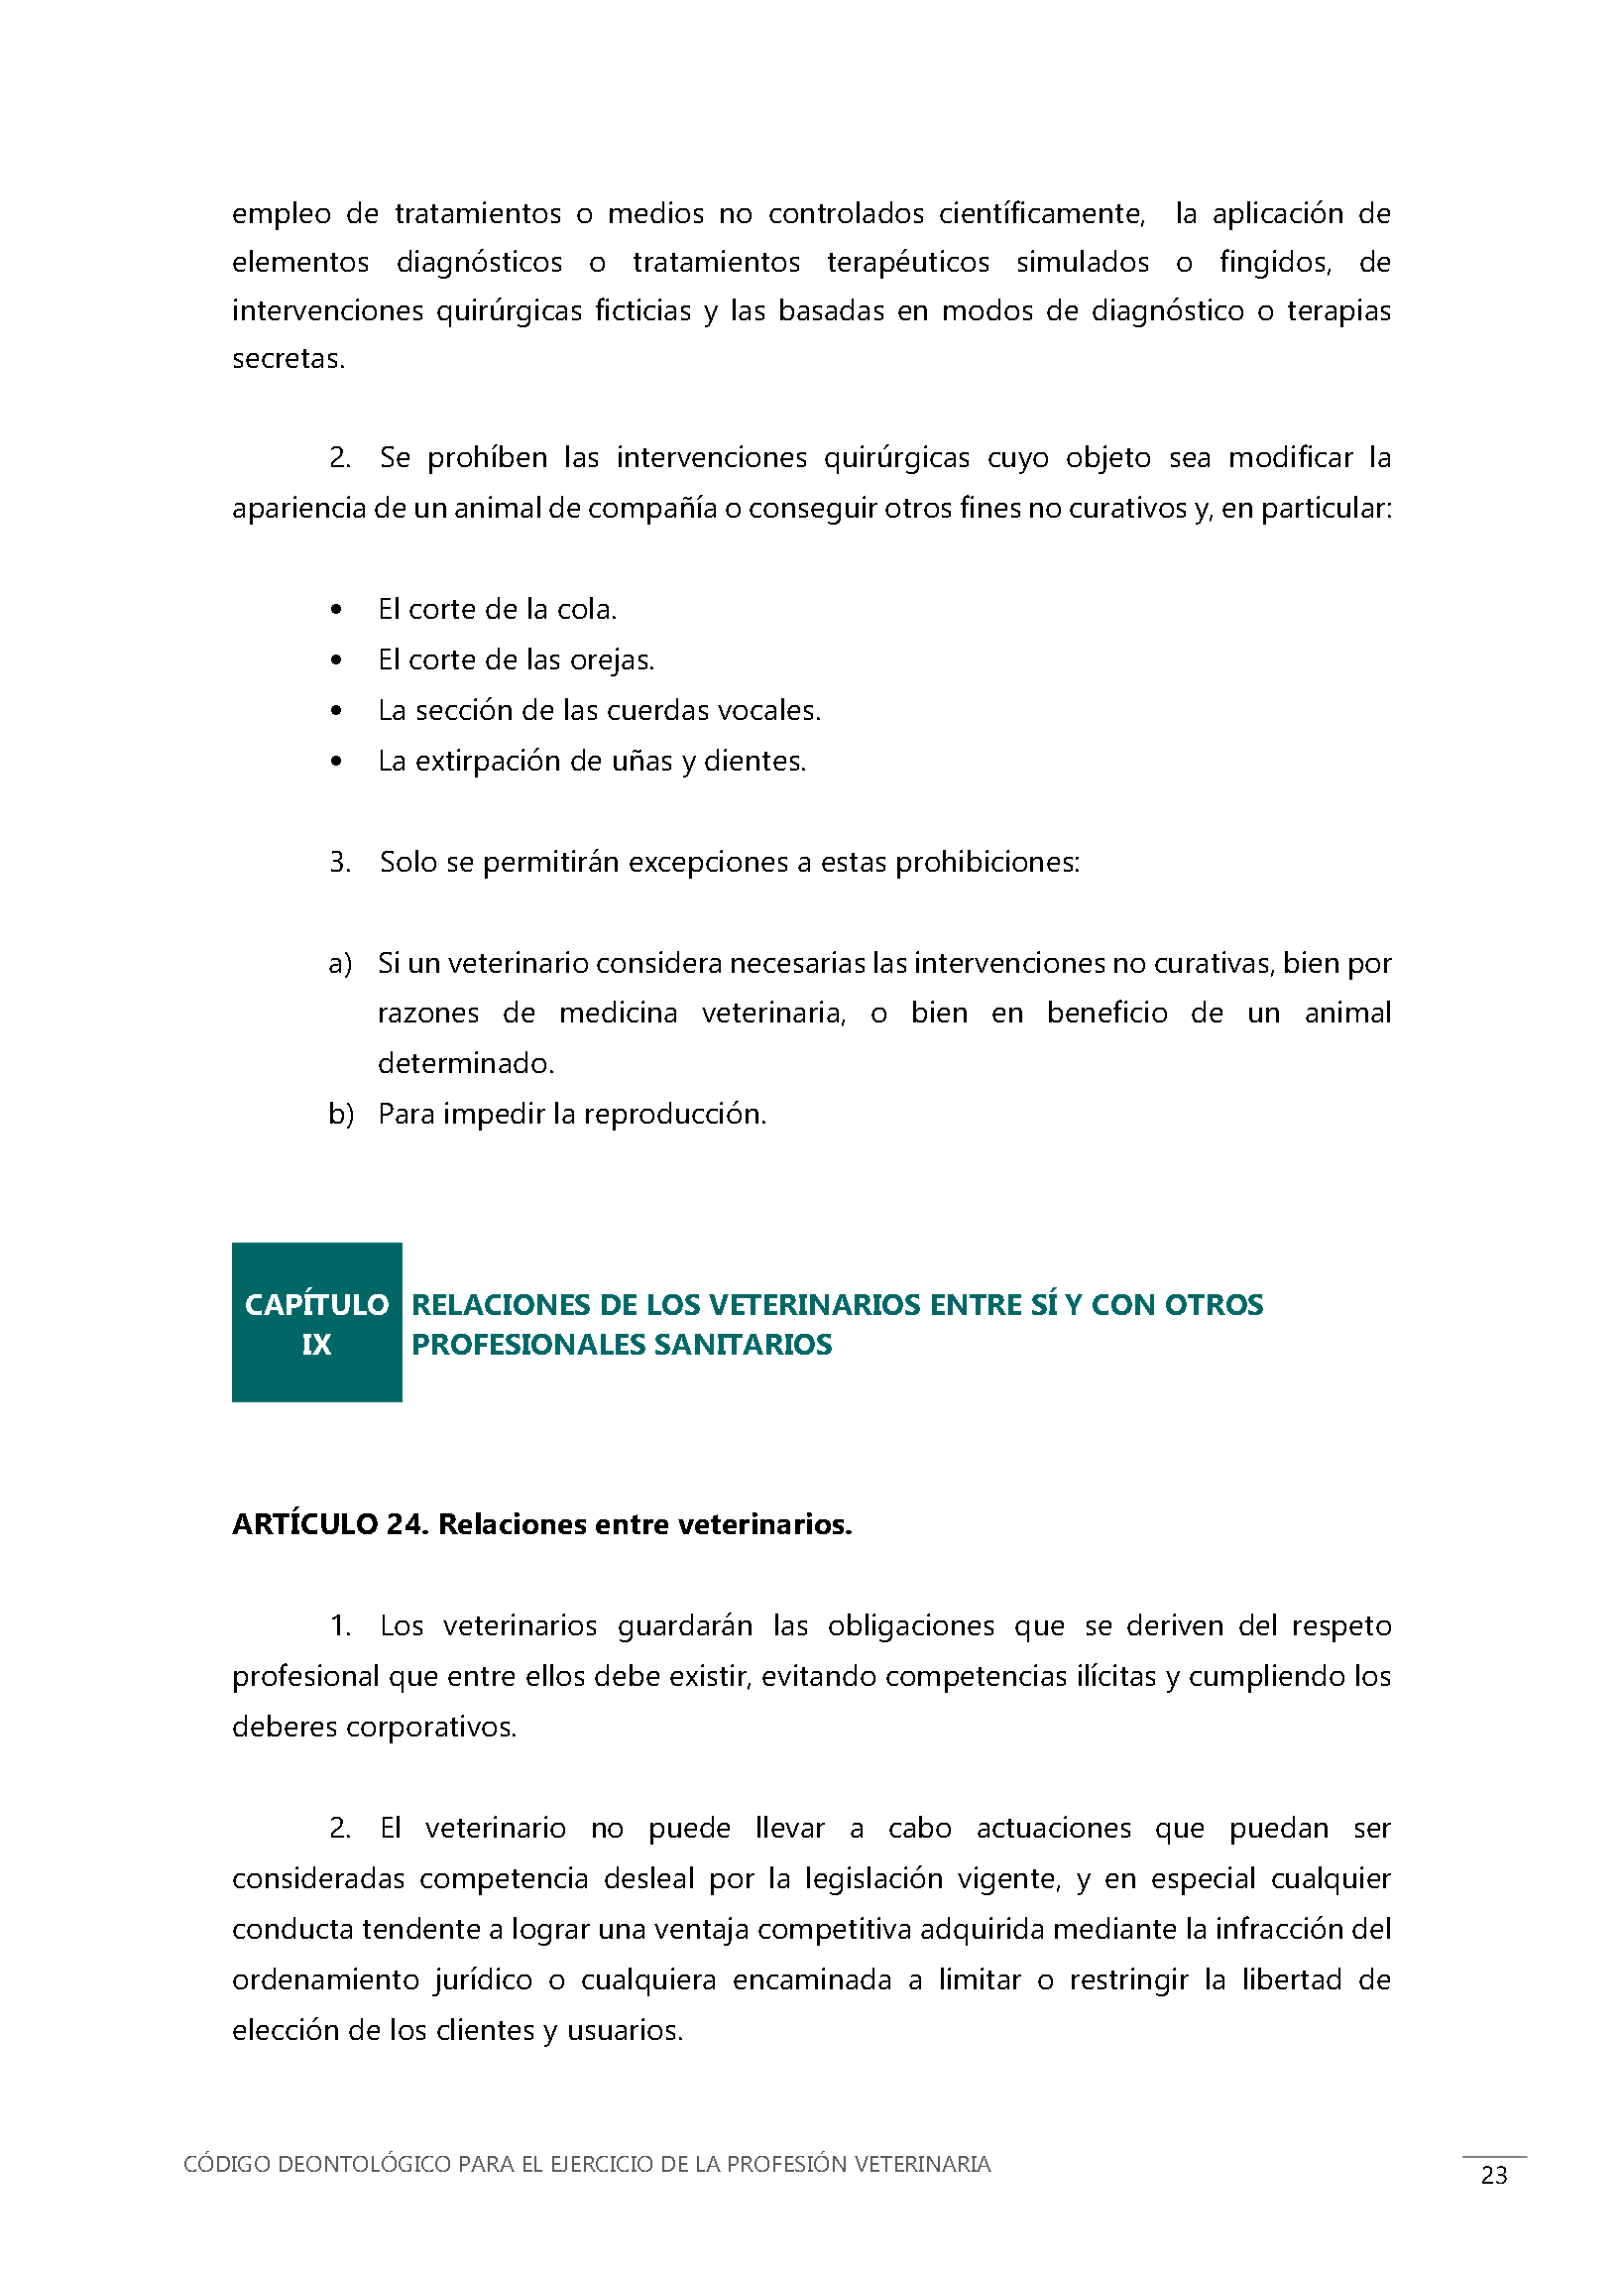 codigo deontológico dic 2018_Página_25